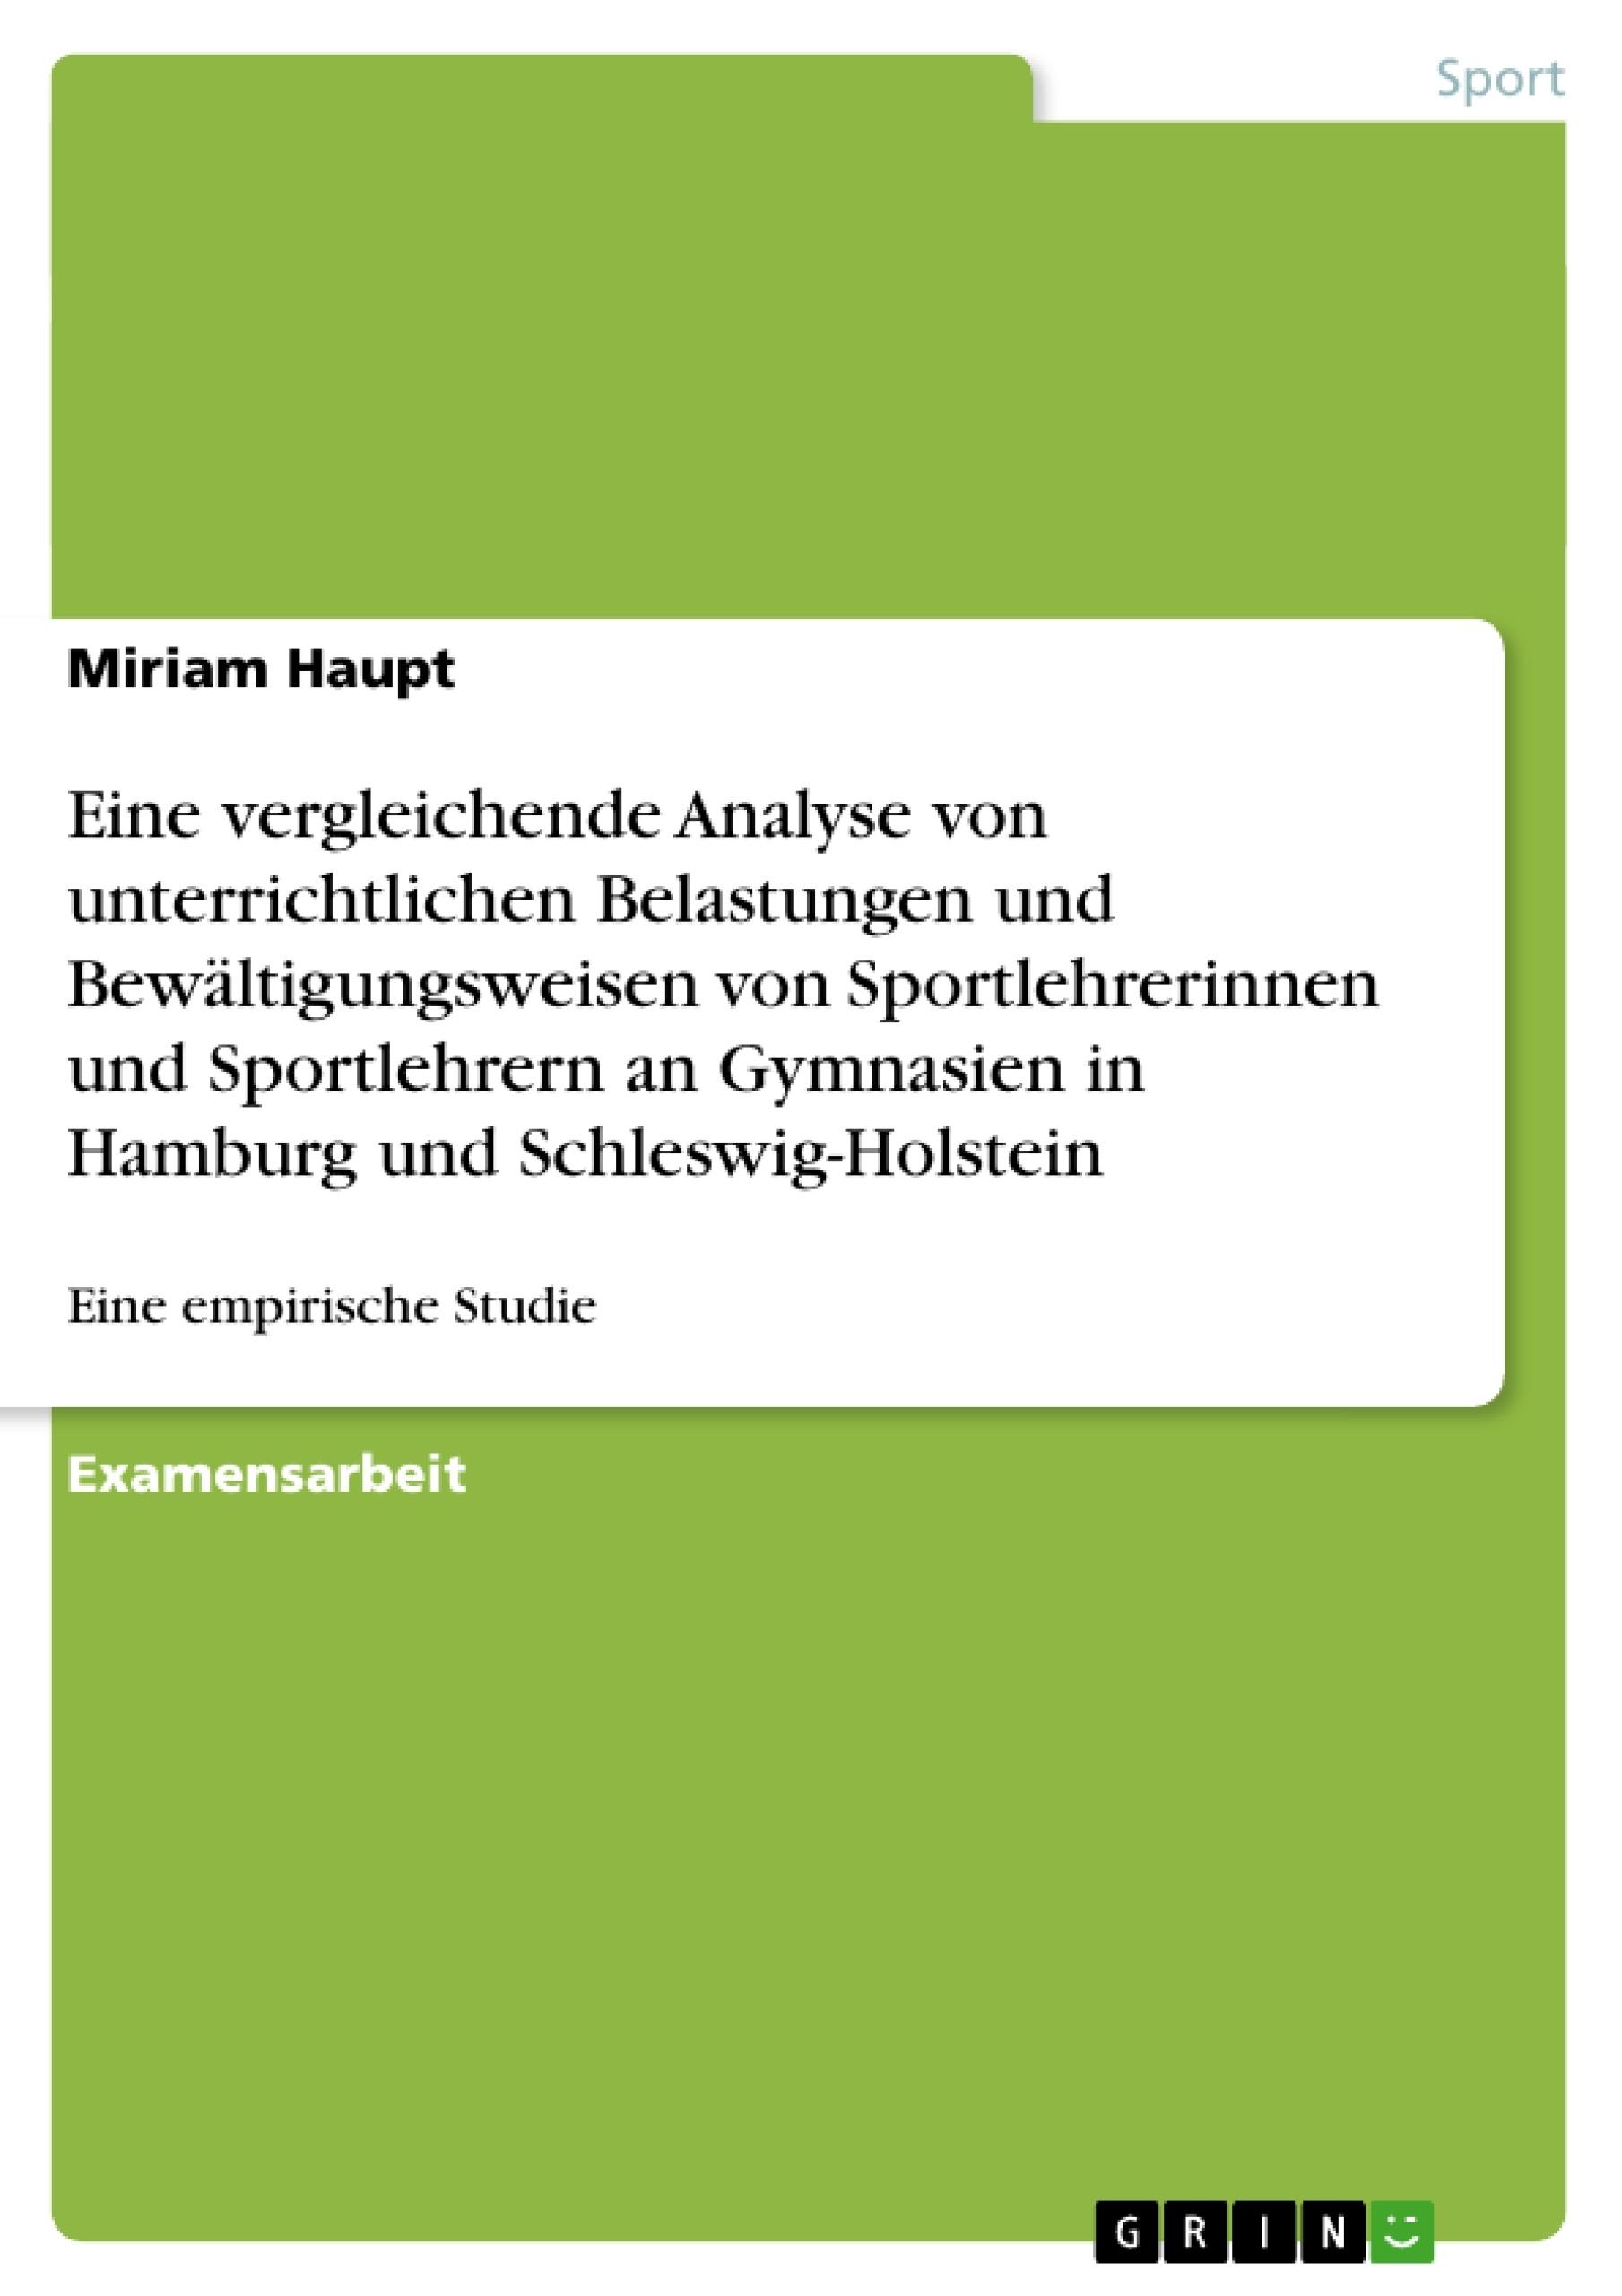 Titel: Eine vergleichende Analyse von unterrichtlichen Belastungen und Bewältigungsweisen von Sportlehrerinnen und Sportlehrern an Gymnasien in Hamburg und Schleswig-Holstein